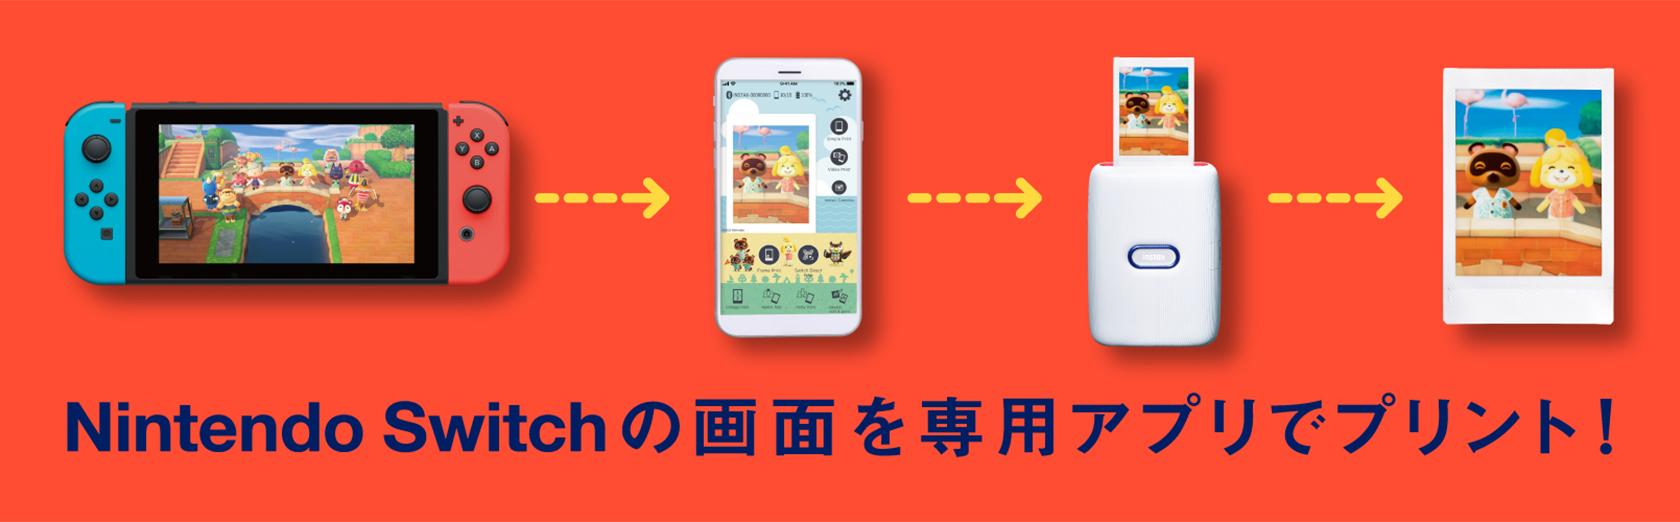 [画像]Nintendo Switchの画面を専用アプリでプリント